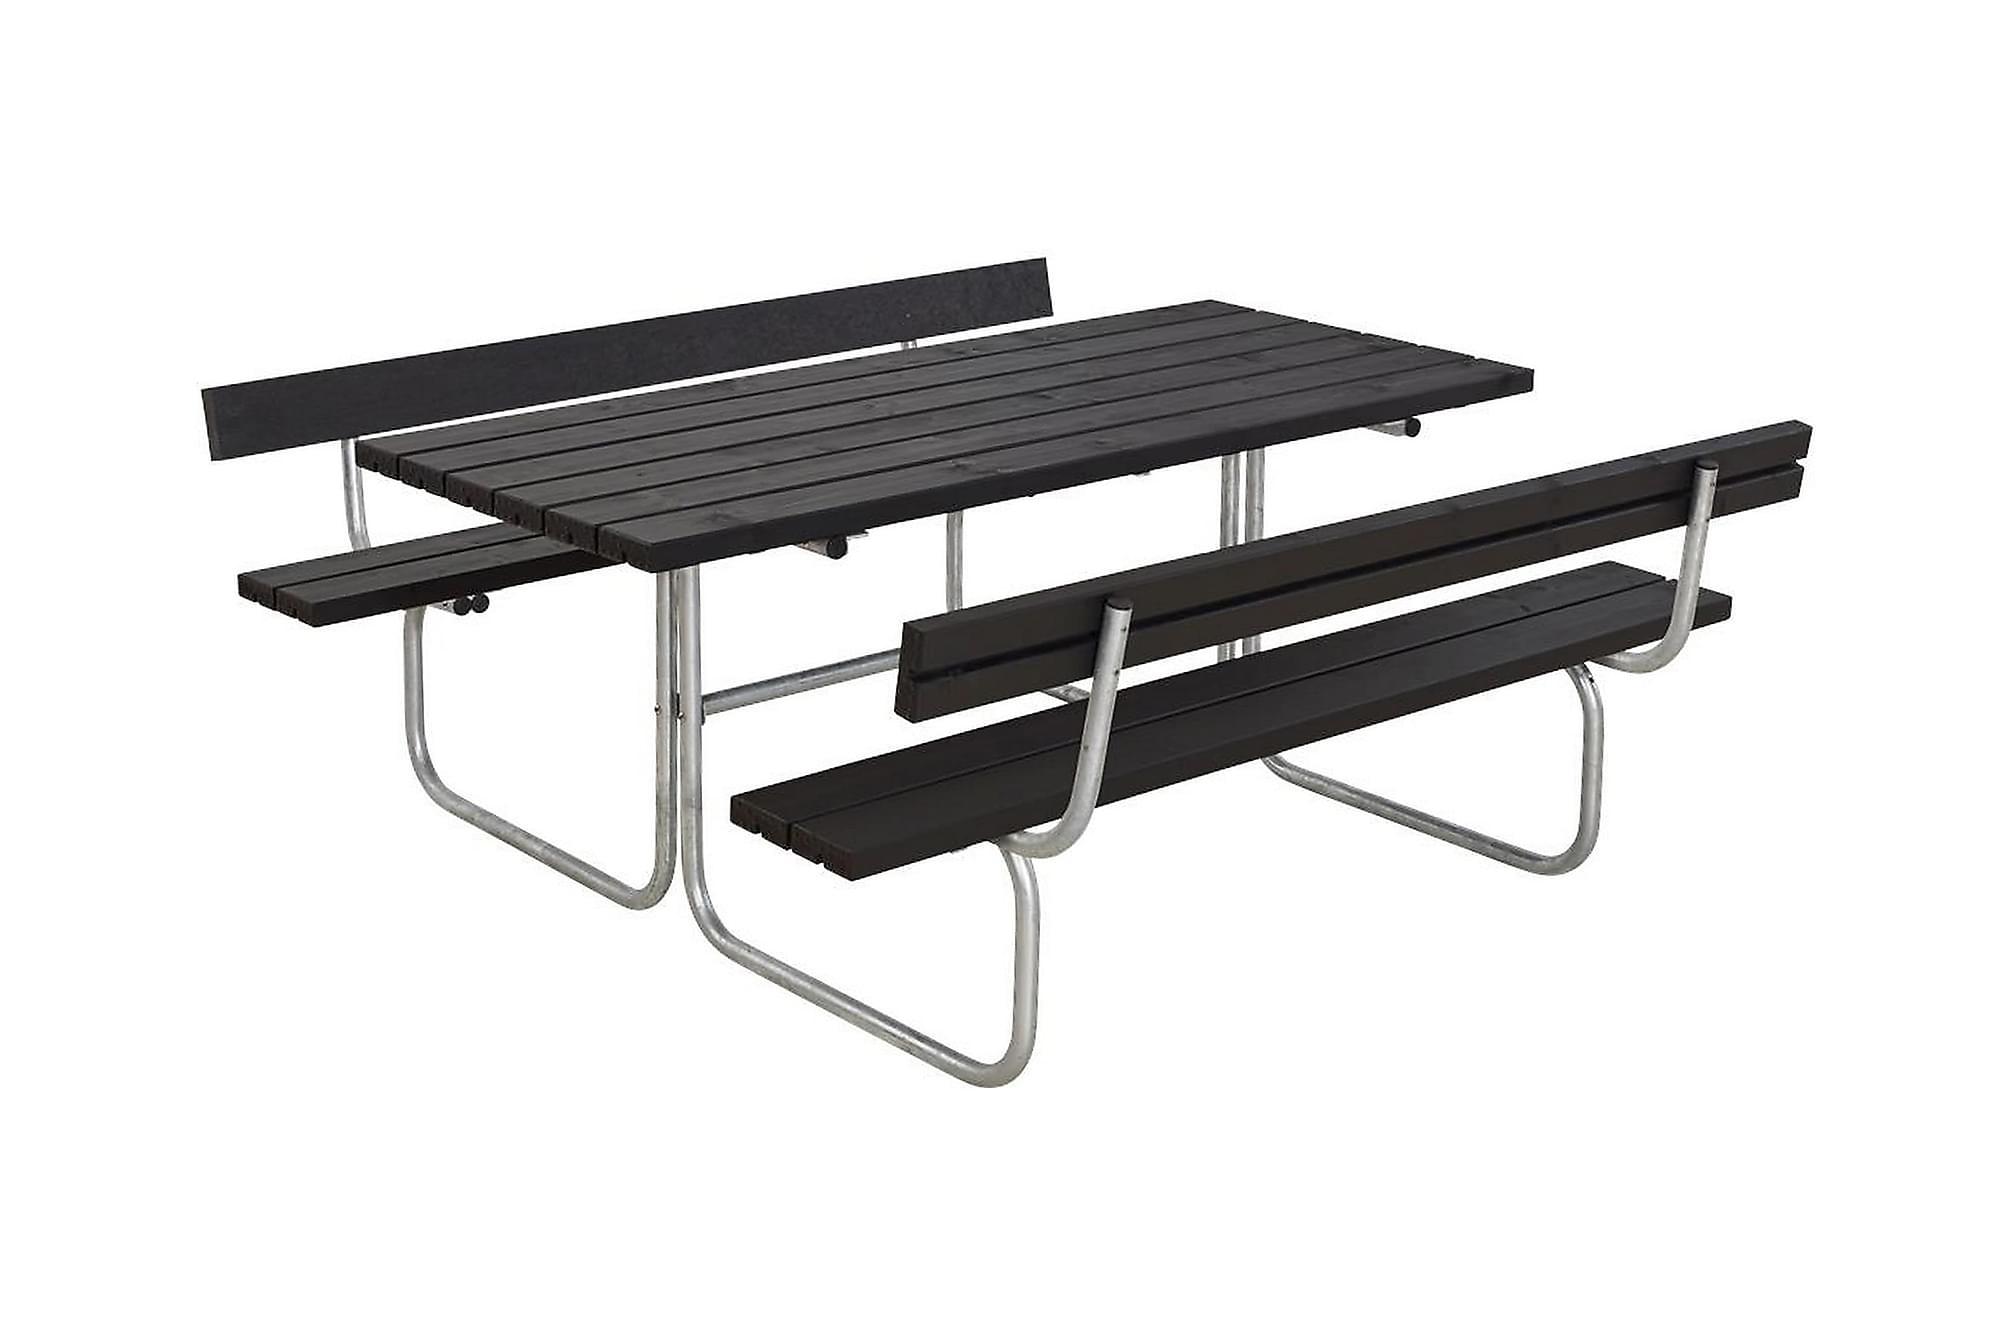 CLASSIC bord- och bänkset med 2 ryggstöd B: 177 L: 177 H: 75, Bänkbord